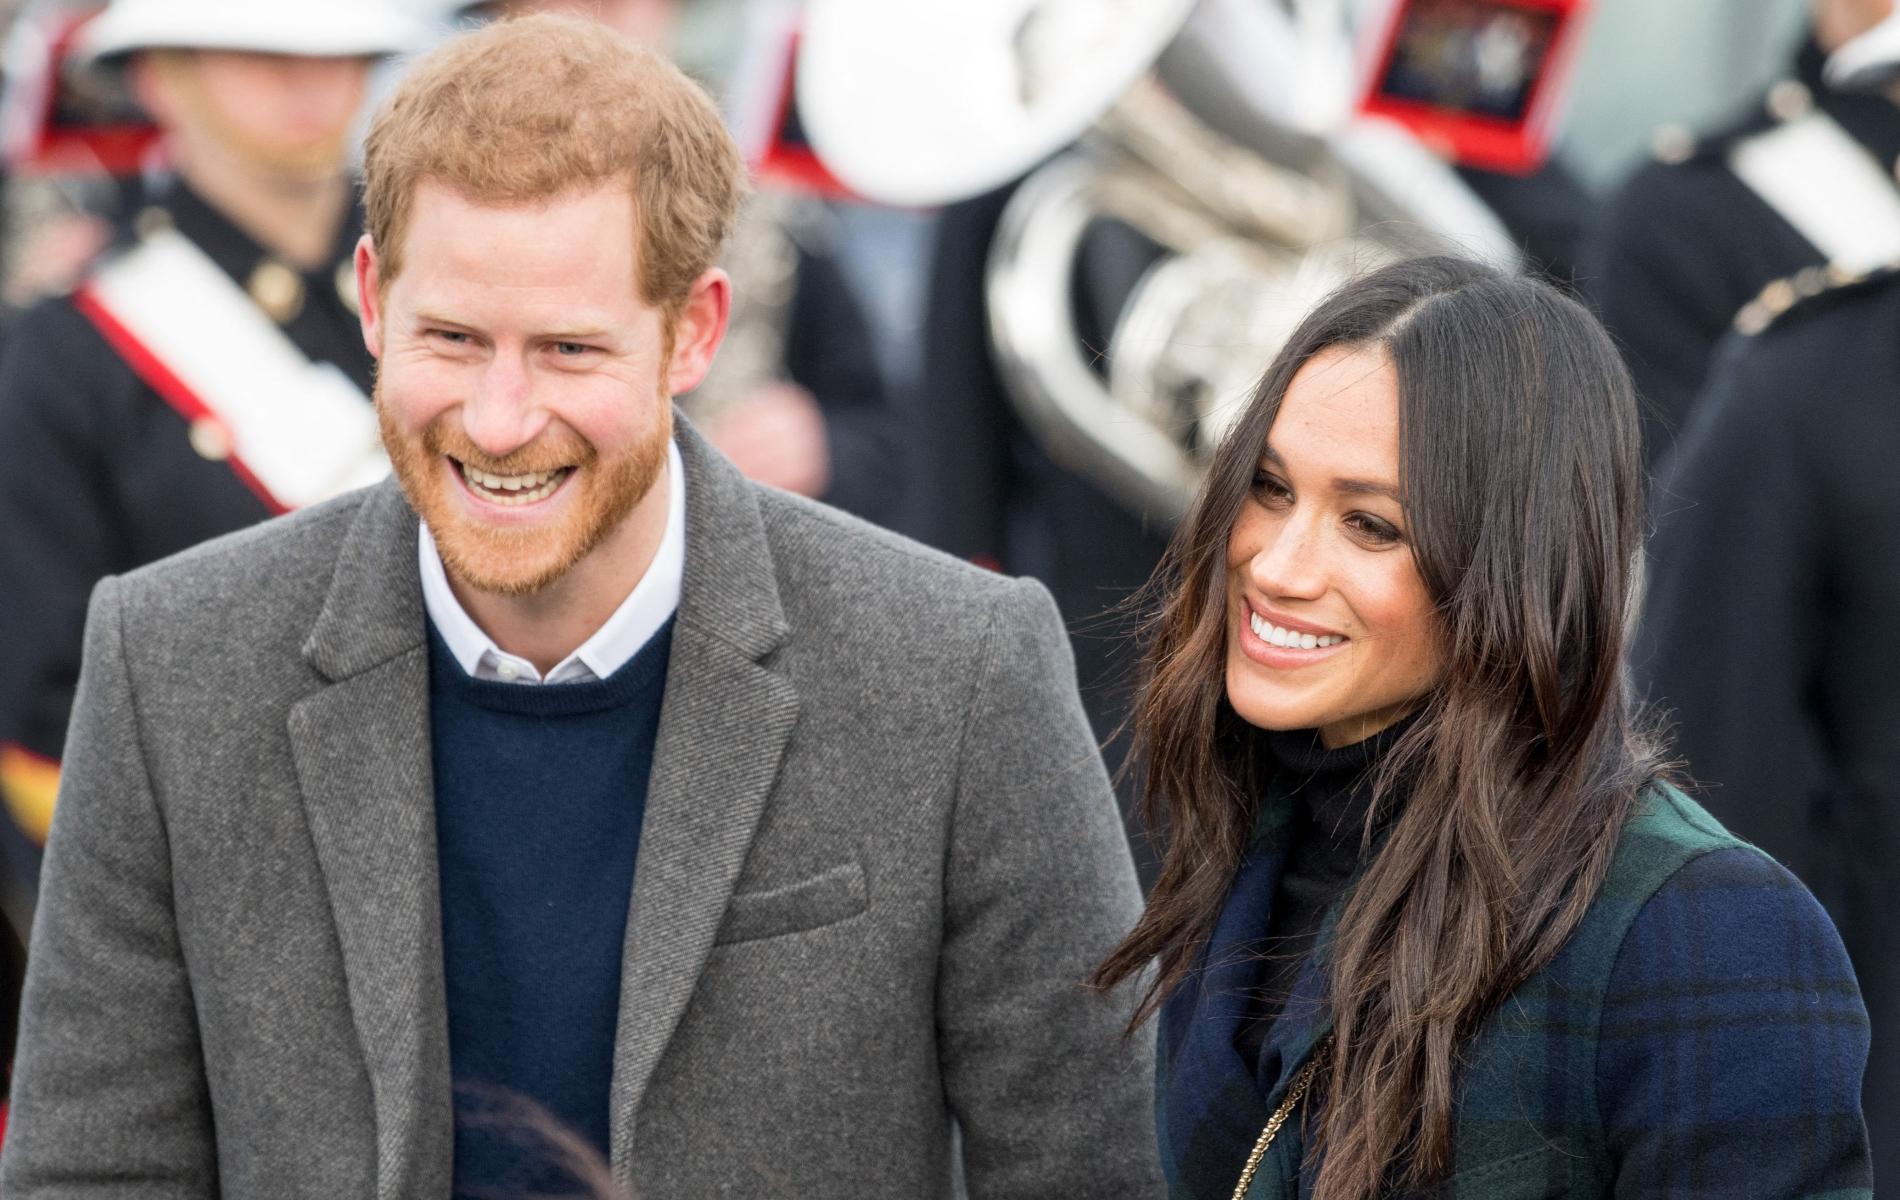 Des Britanniques boycottent Netflix, après l'accord passé avec Meghan et Harry